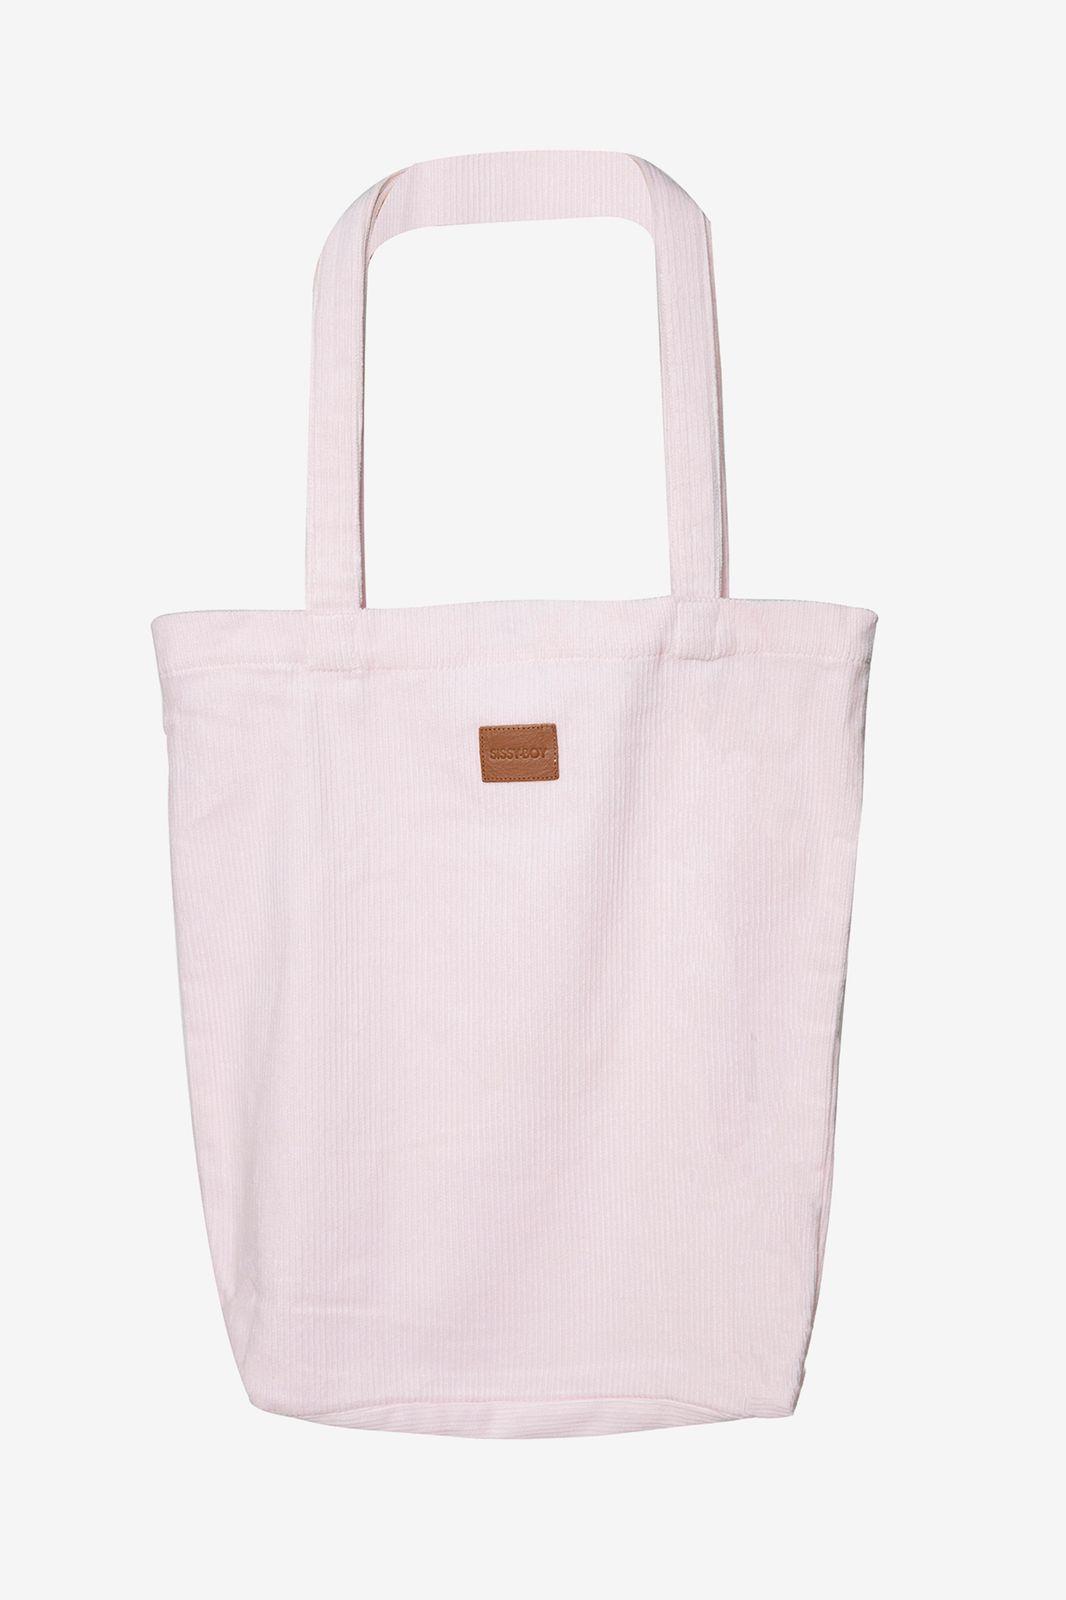 Roze corduroy shopper